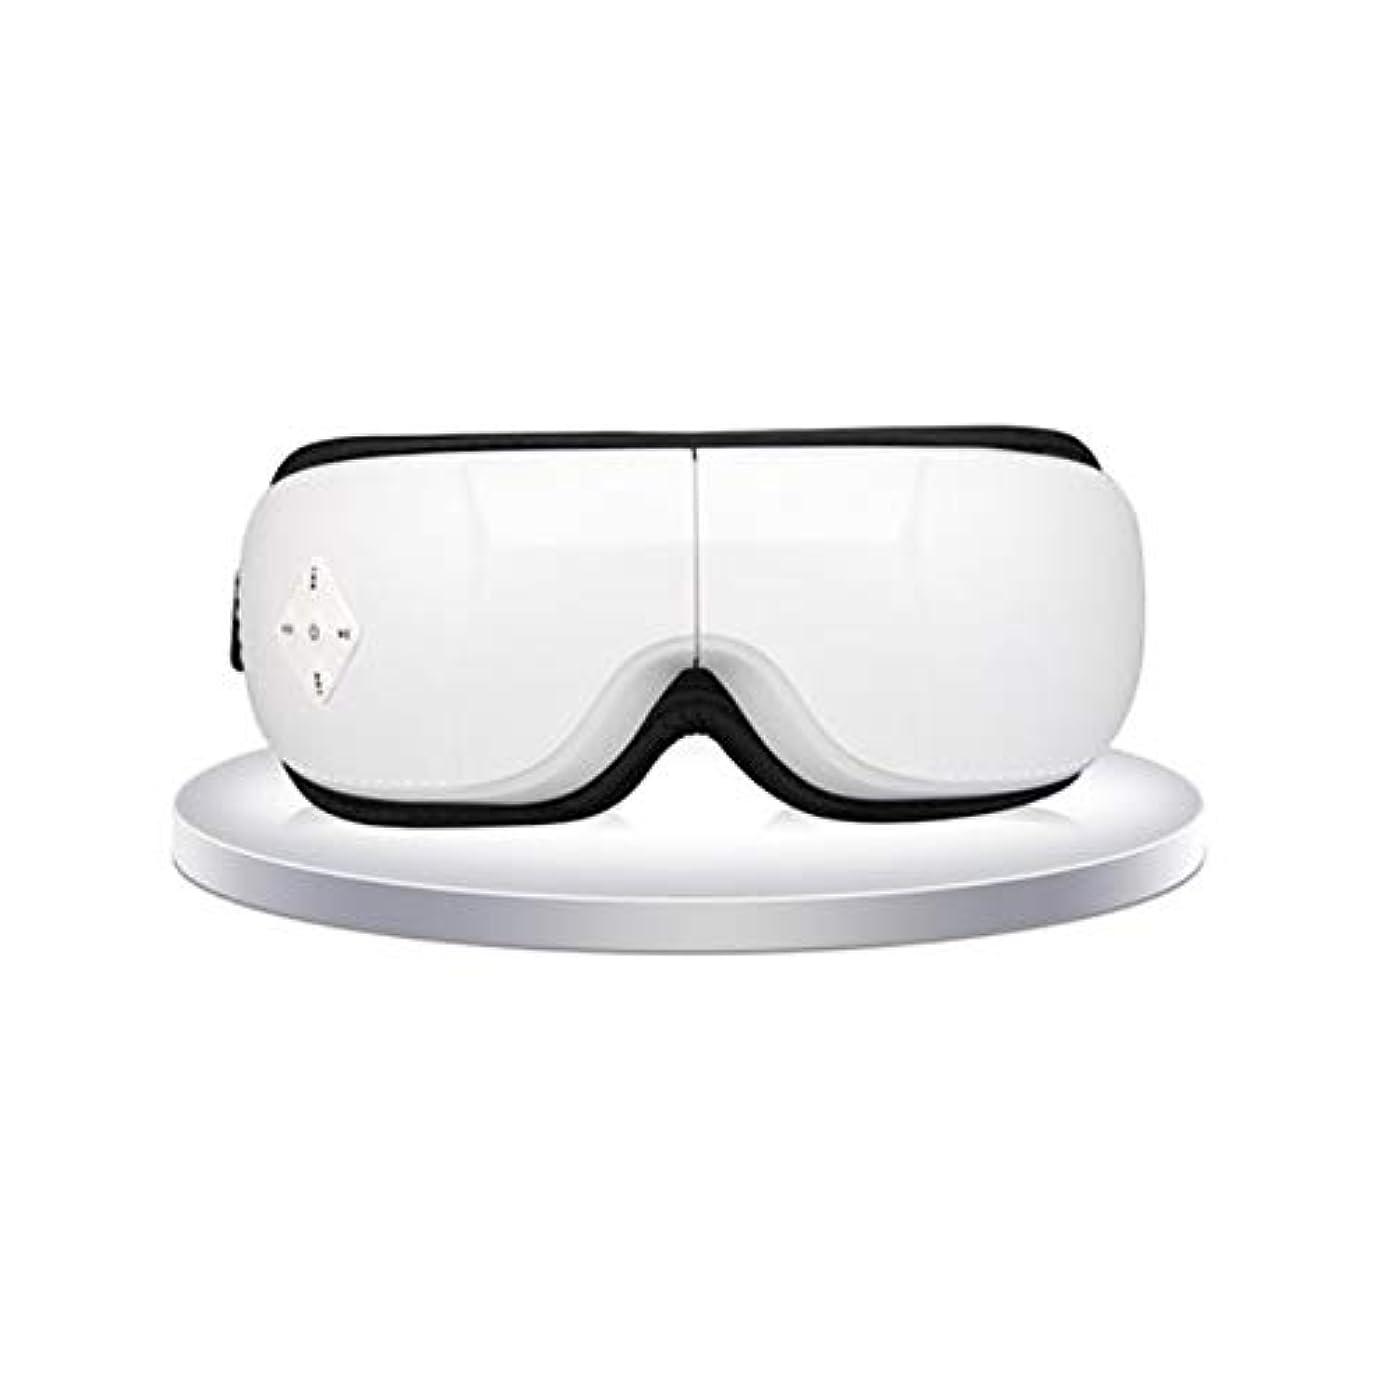 証人絶縁する呼ぶマッサージャーマッサージアイプロテクターホットアイマスク疲労緩和マッサージ (Color : White)